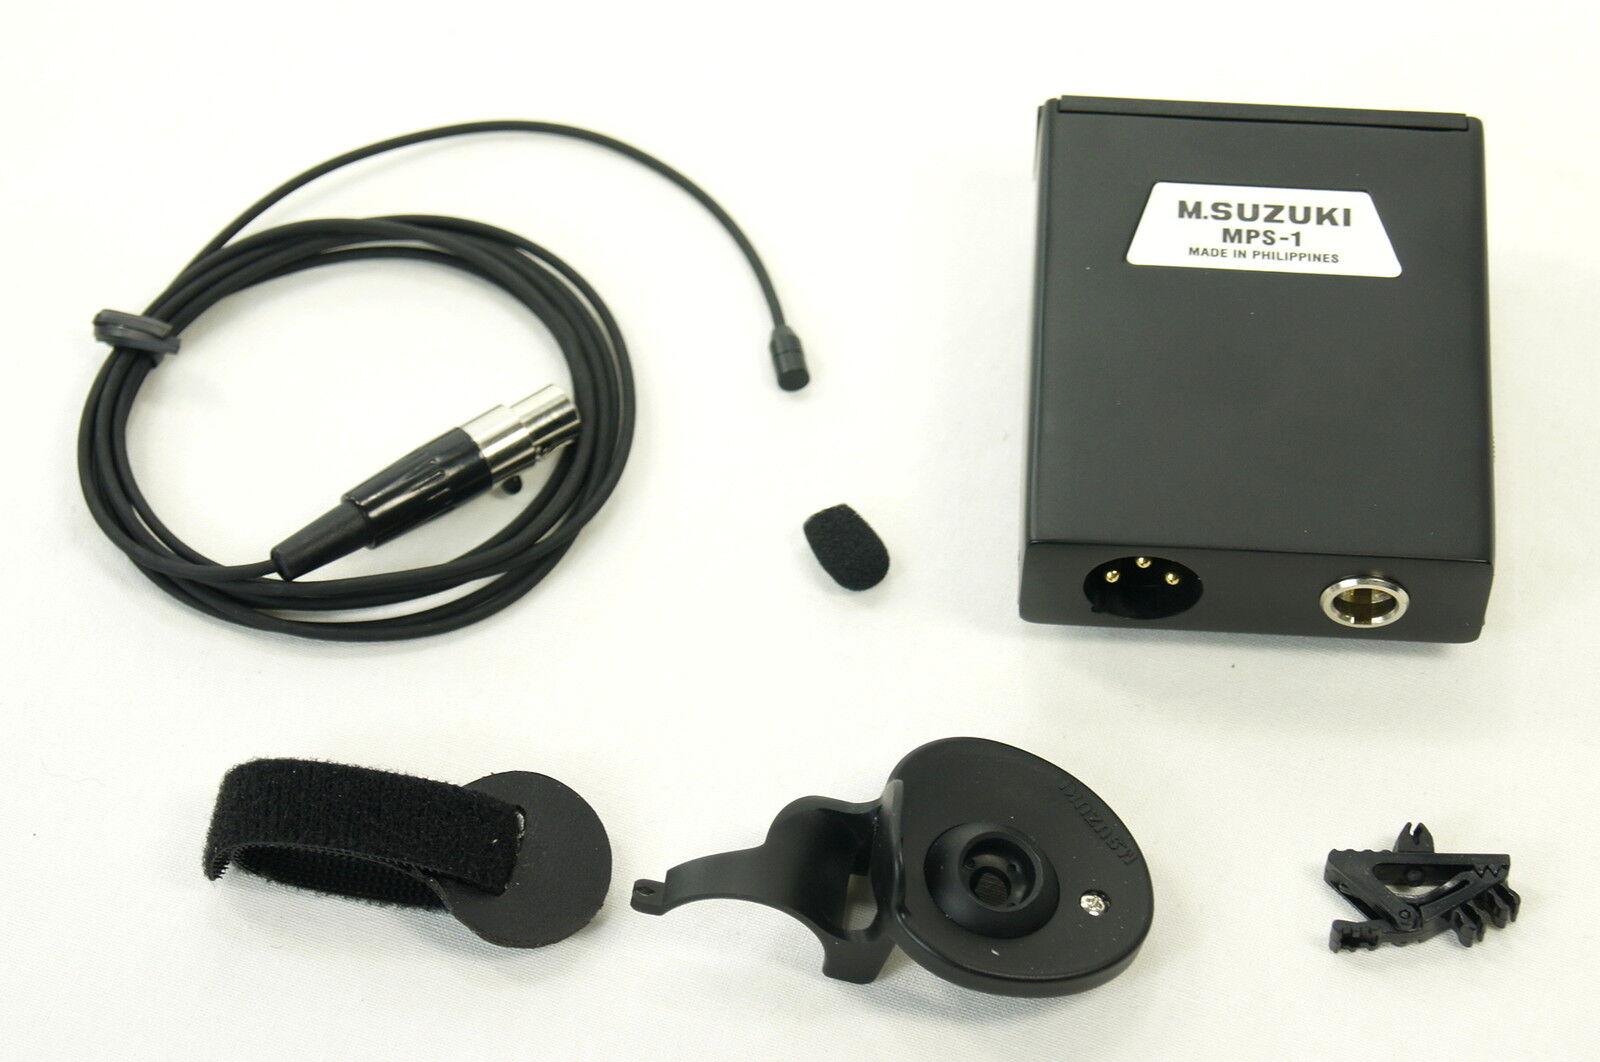 punti vendita Micro pour harmonica harmonica harmonica Suzuki HMH-100 lavallière   Harmonica microphone set  a buon mercato